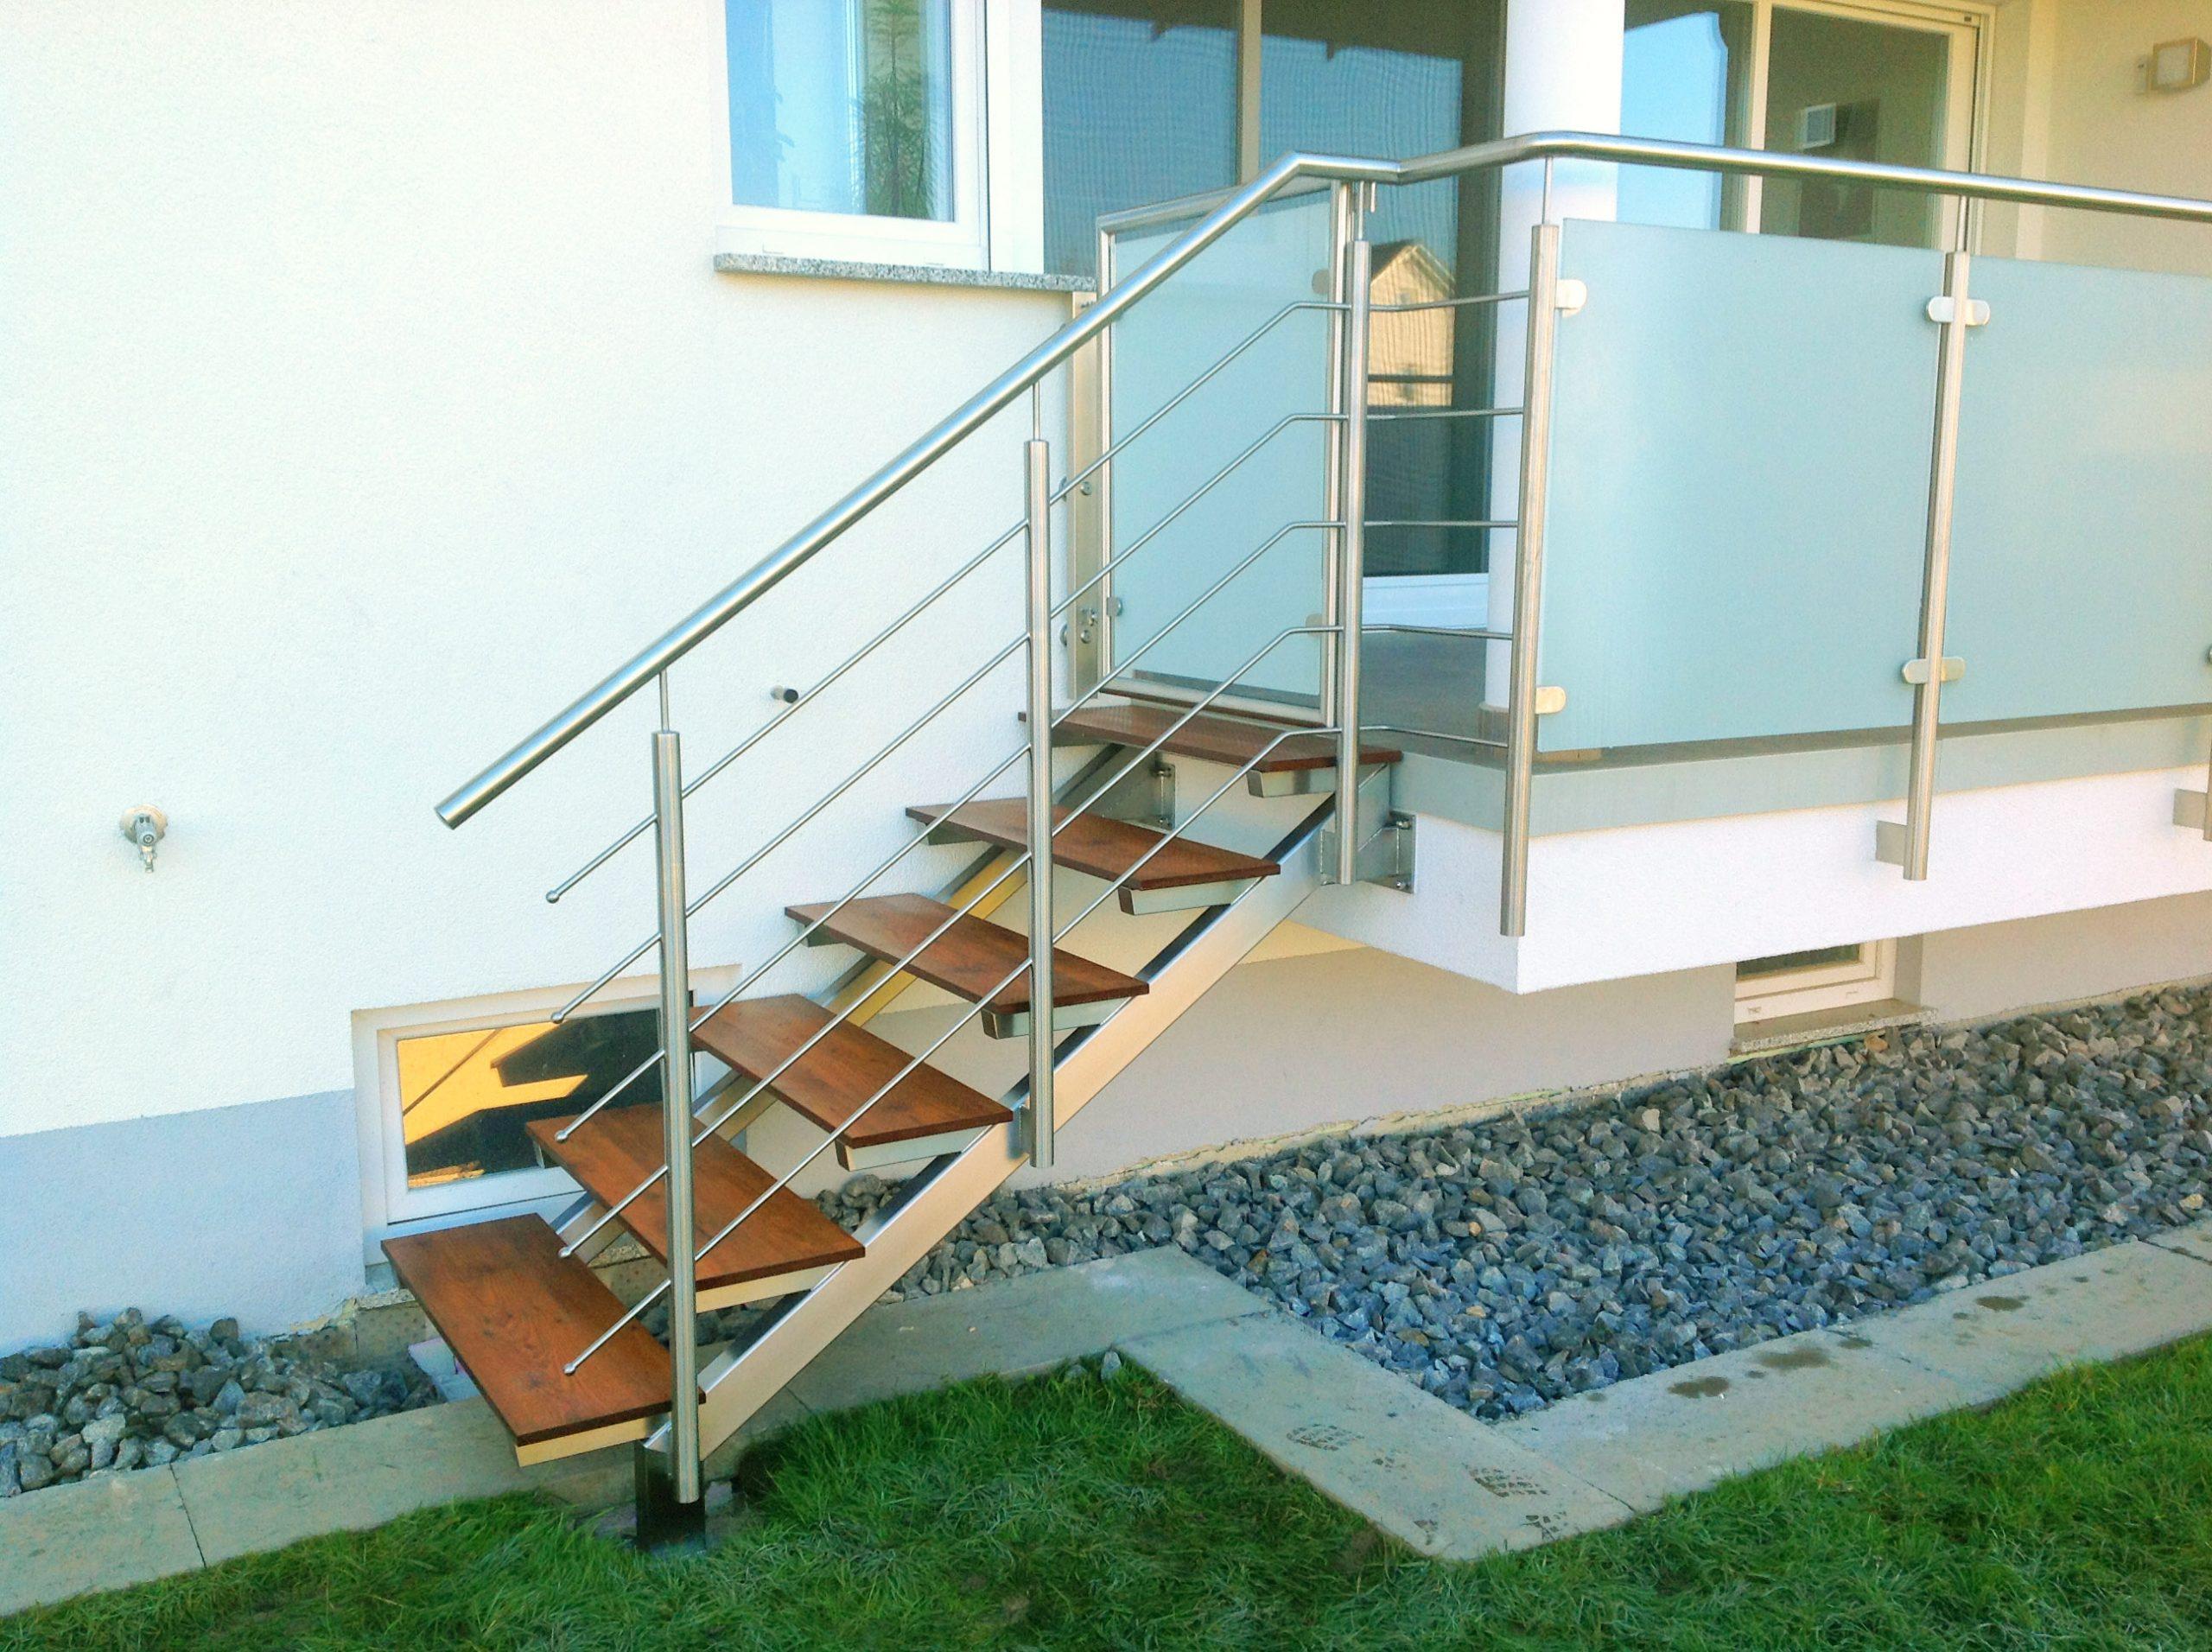 Brettschneider Edelstahl Treppe